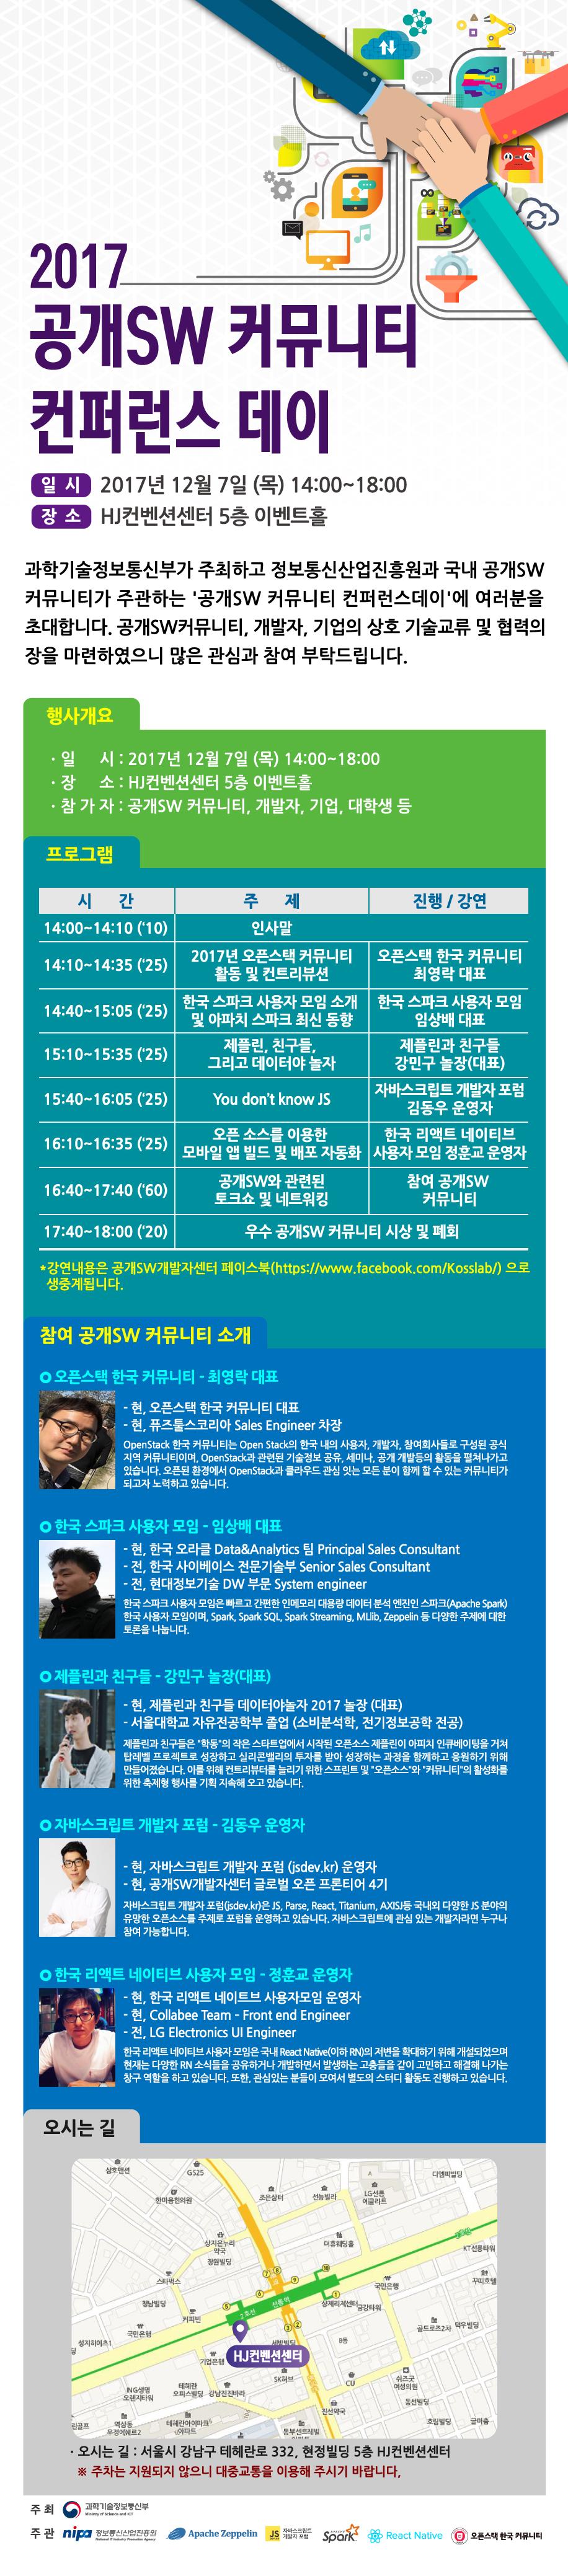 공개SW 커뮤니티 컨퍼런스 데이